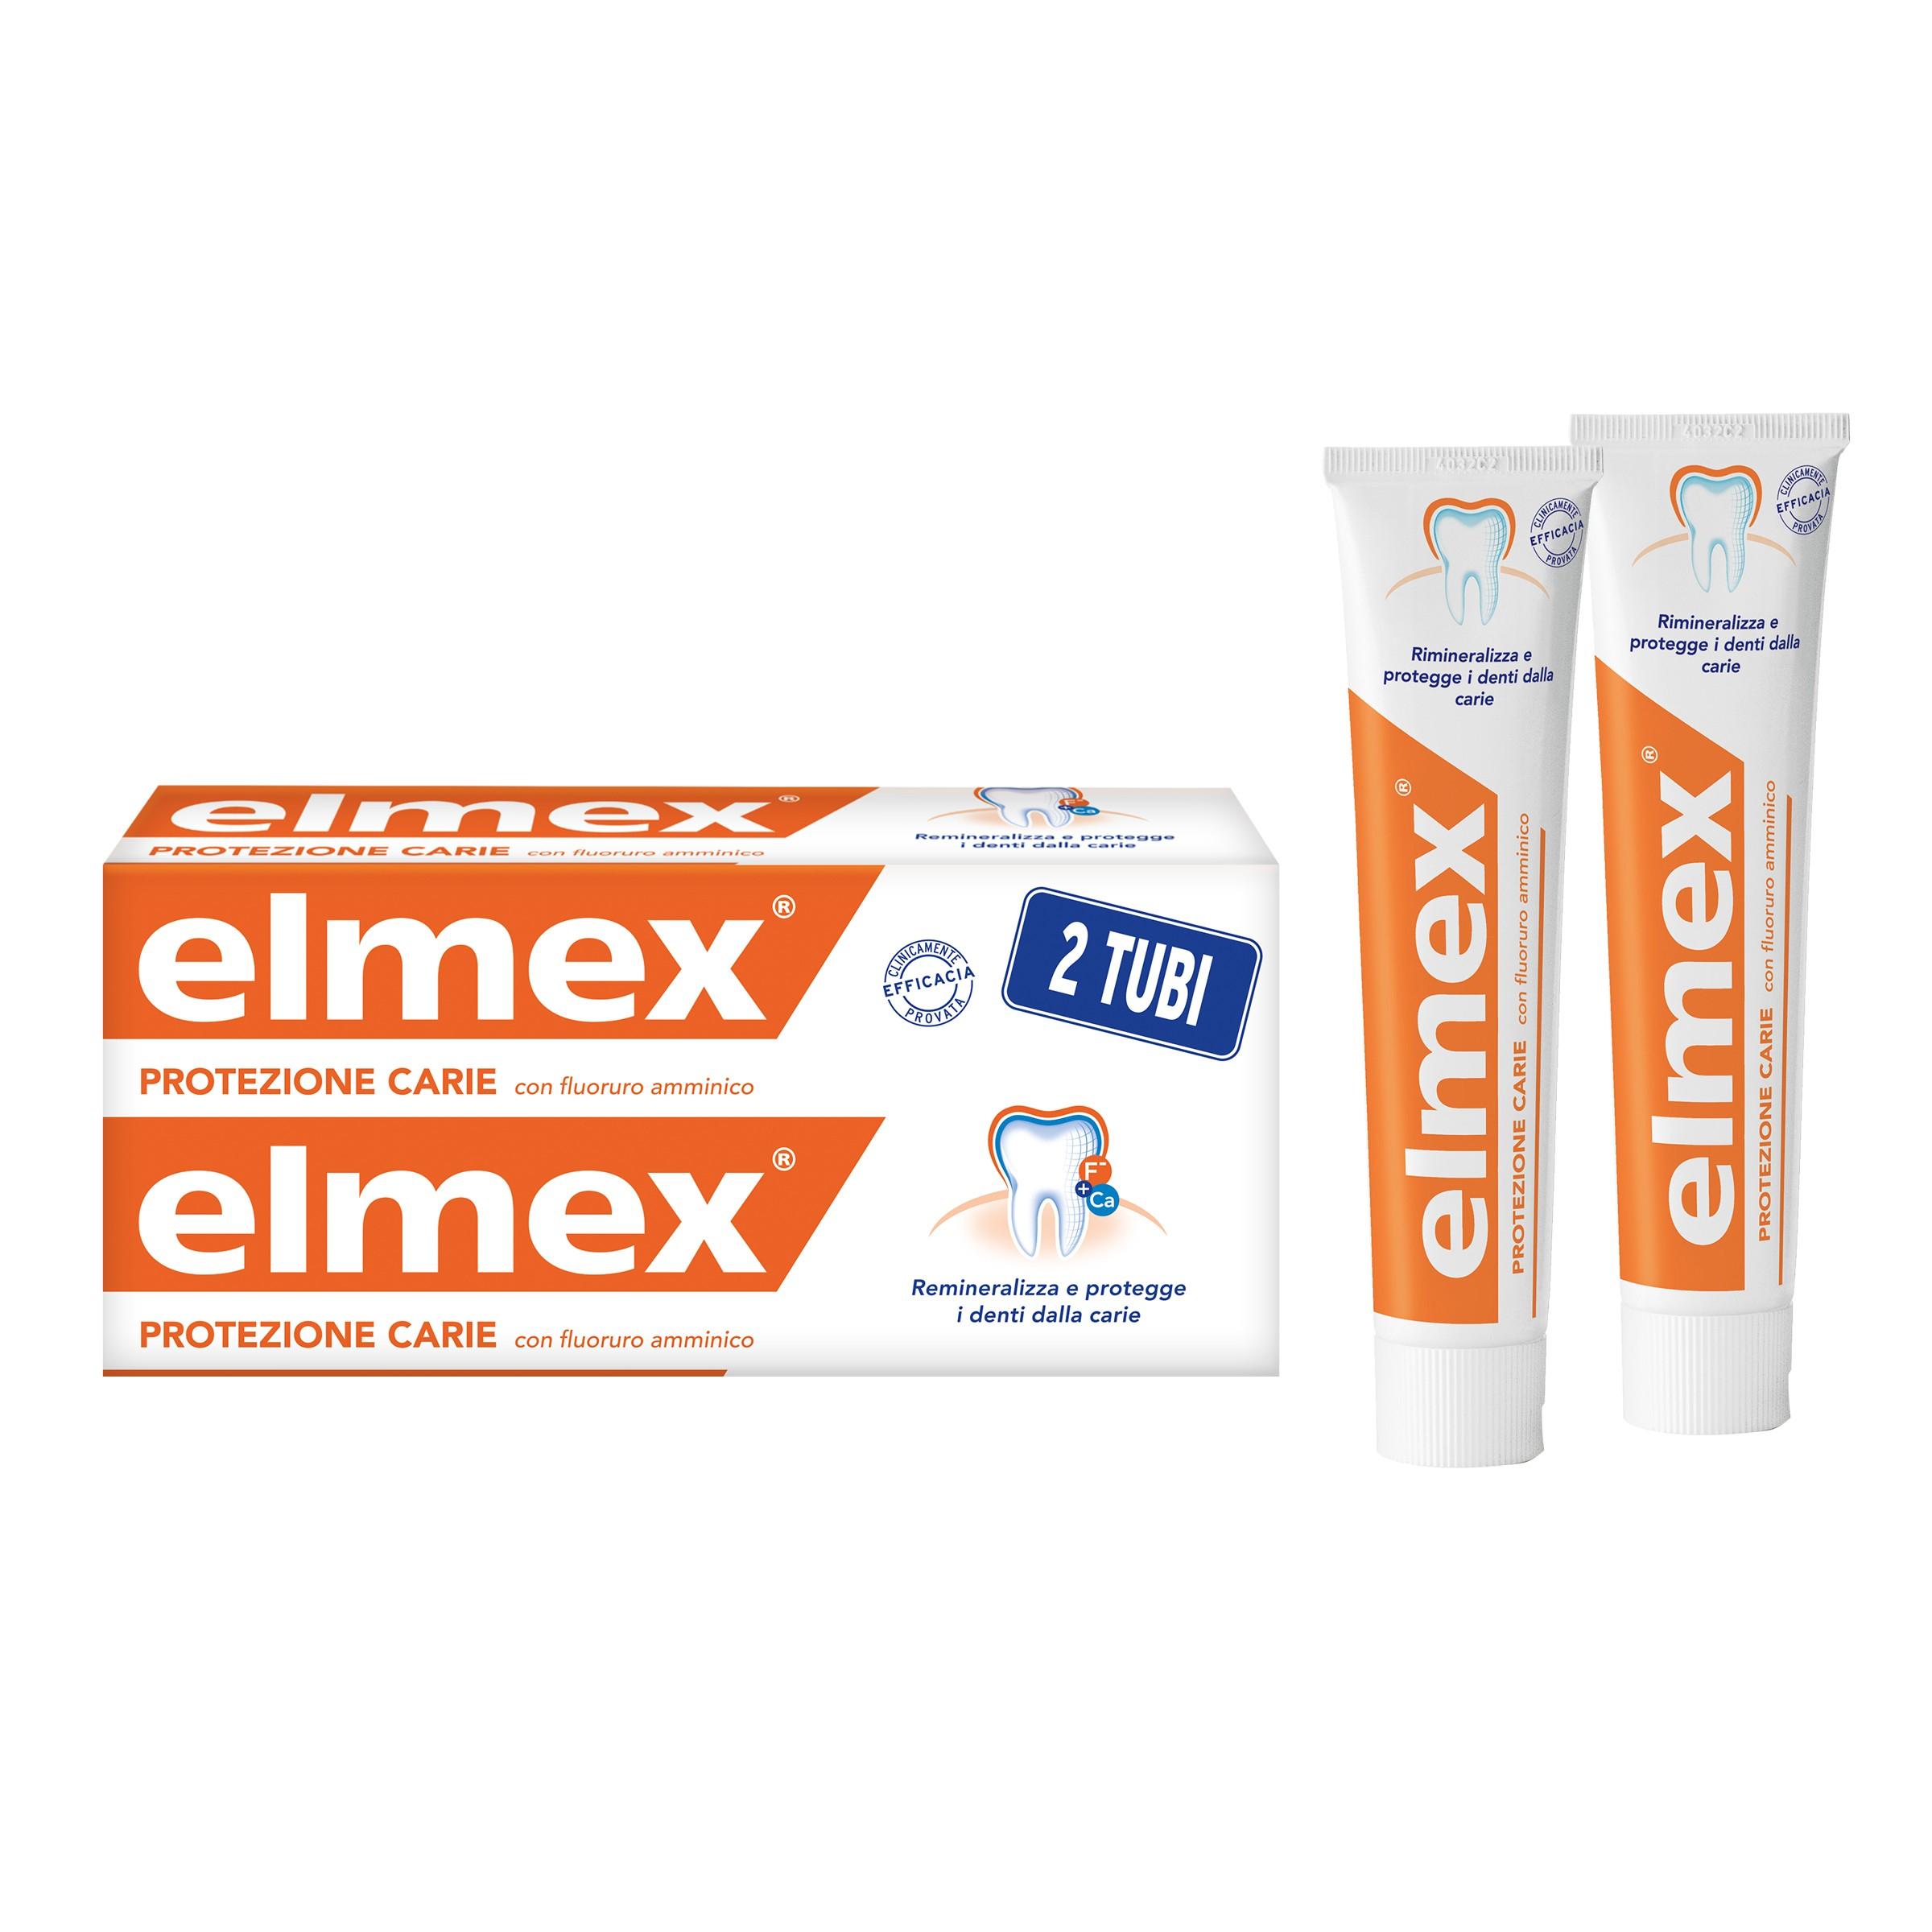 ELMEX PROTEZIONE CARIE 2 TUBI DA 75 ML CON FLUORURO AMMINICO REMINERALIZZA E PROTEGGE I DENTI DALLE CARIE.